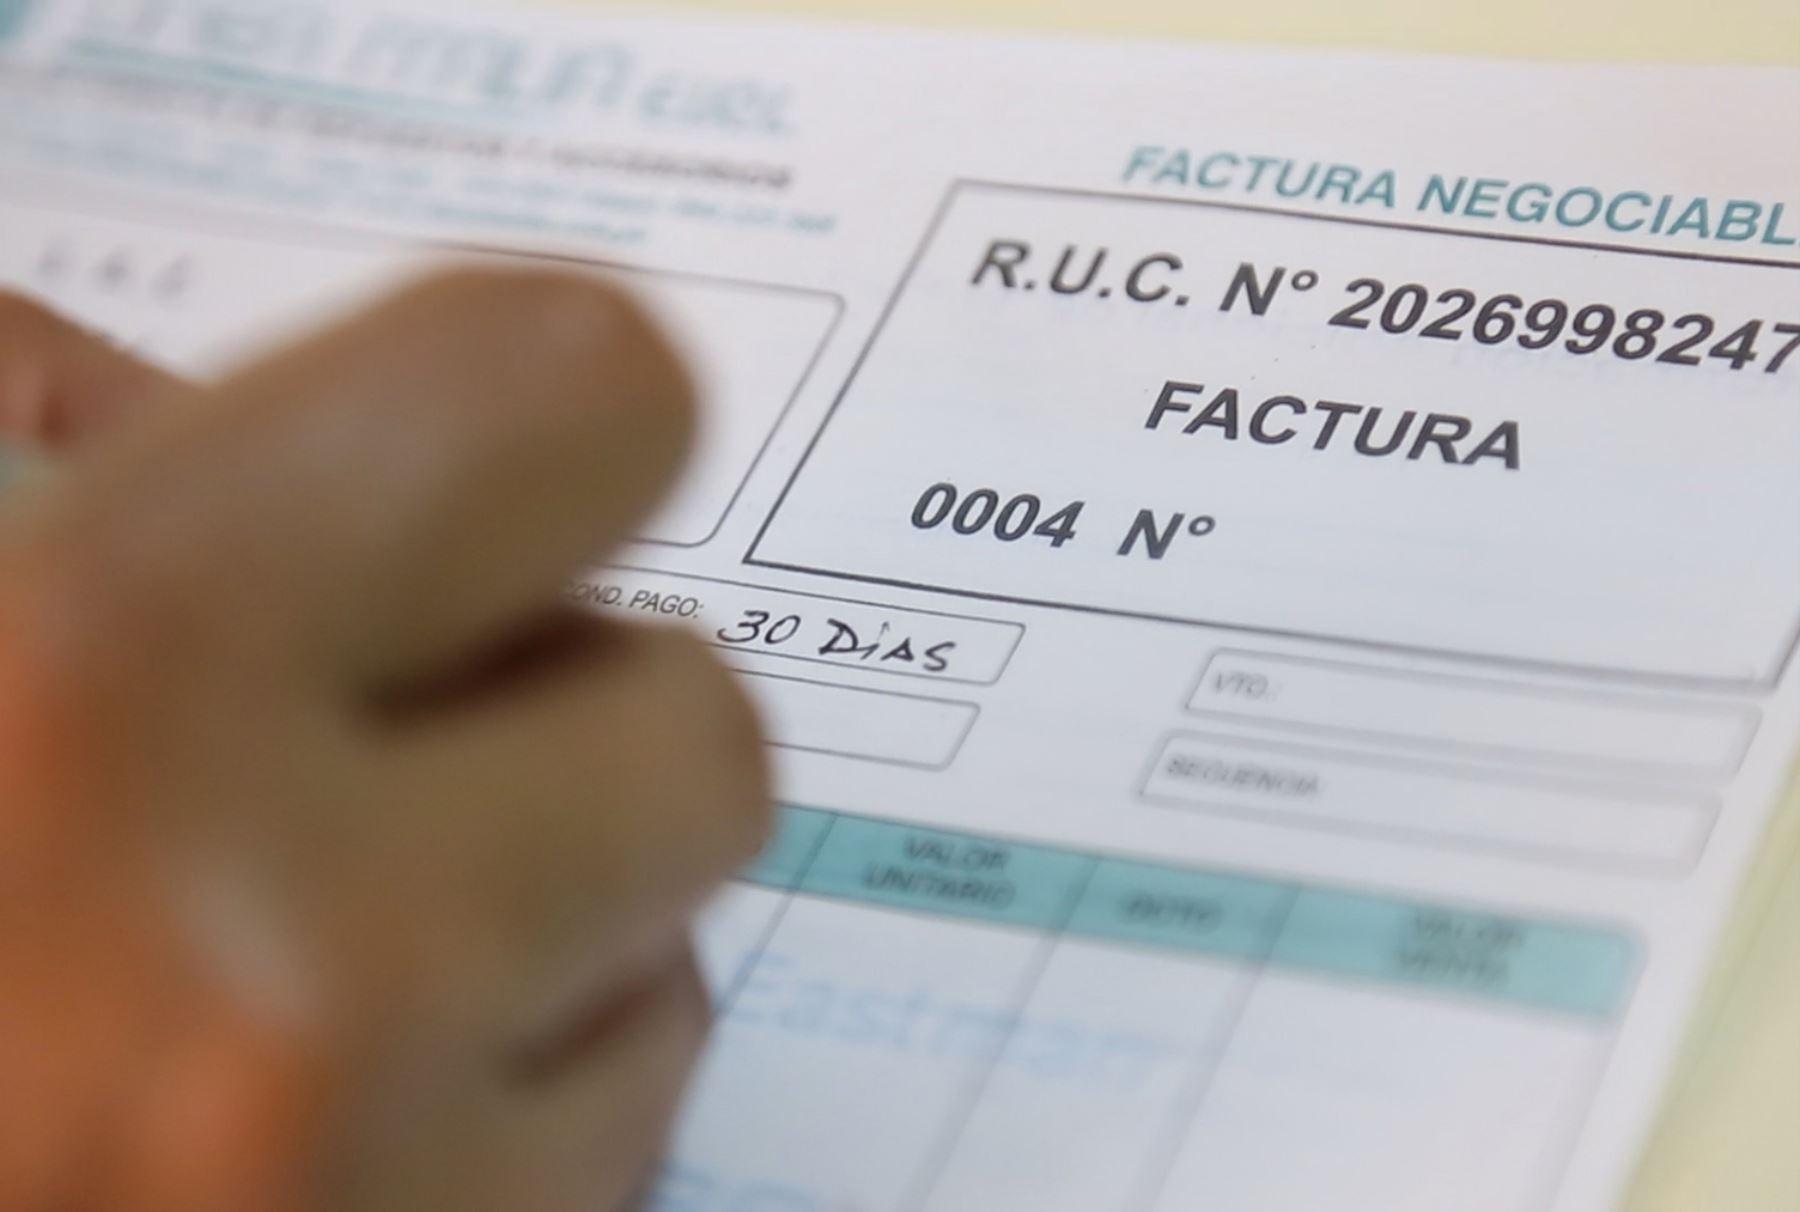 Acceso de empresas de factoring a garantías y préstamos del Fondo Crecer dará soporte a pymes